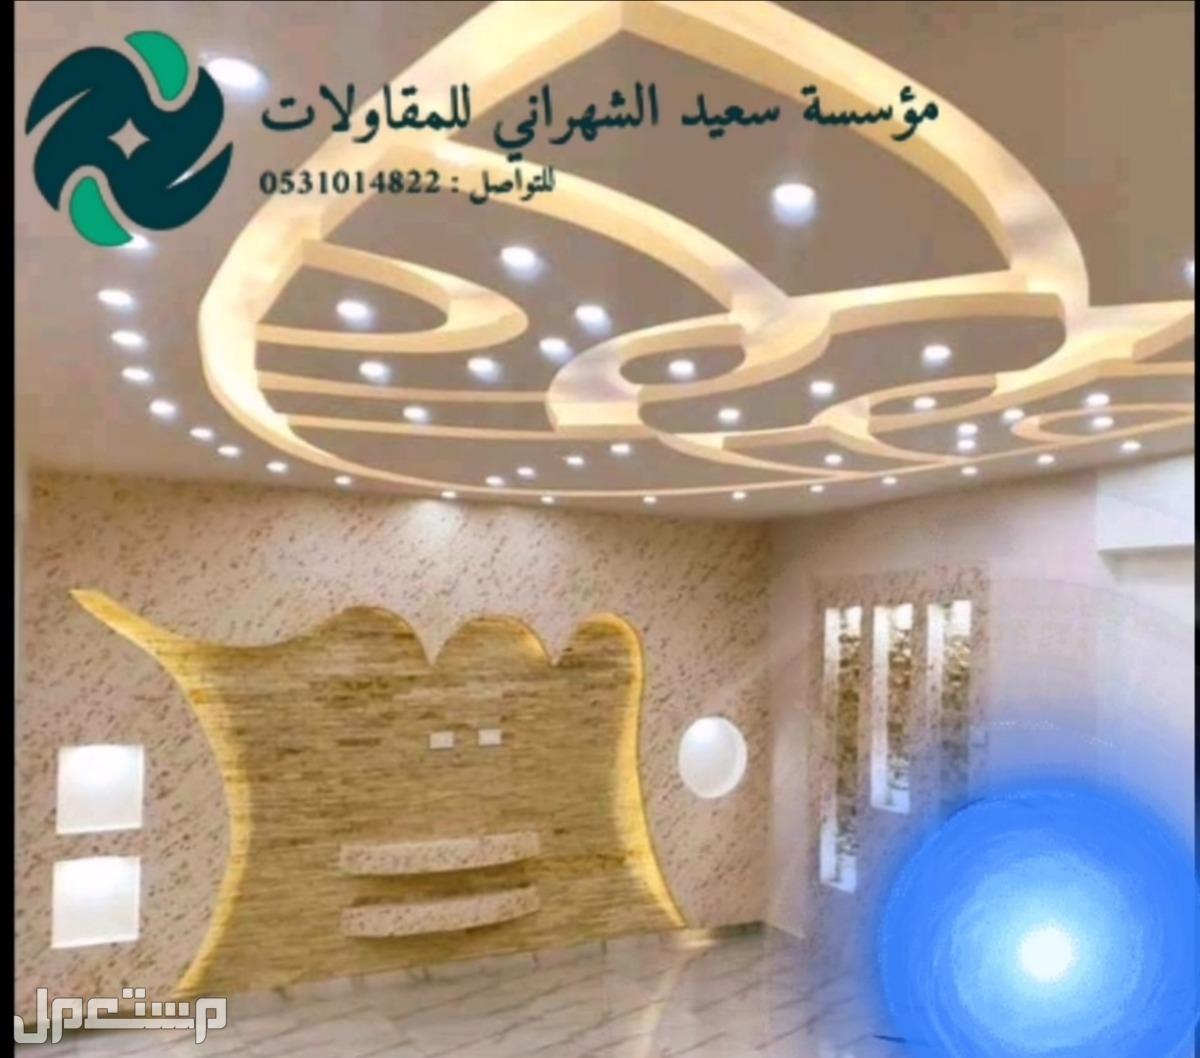 مؤسسة سعيد الشهراني مقاولات عامة